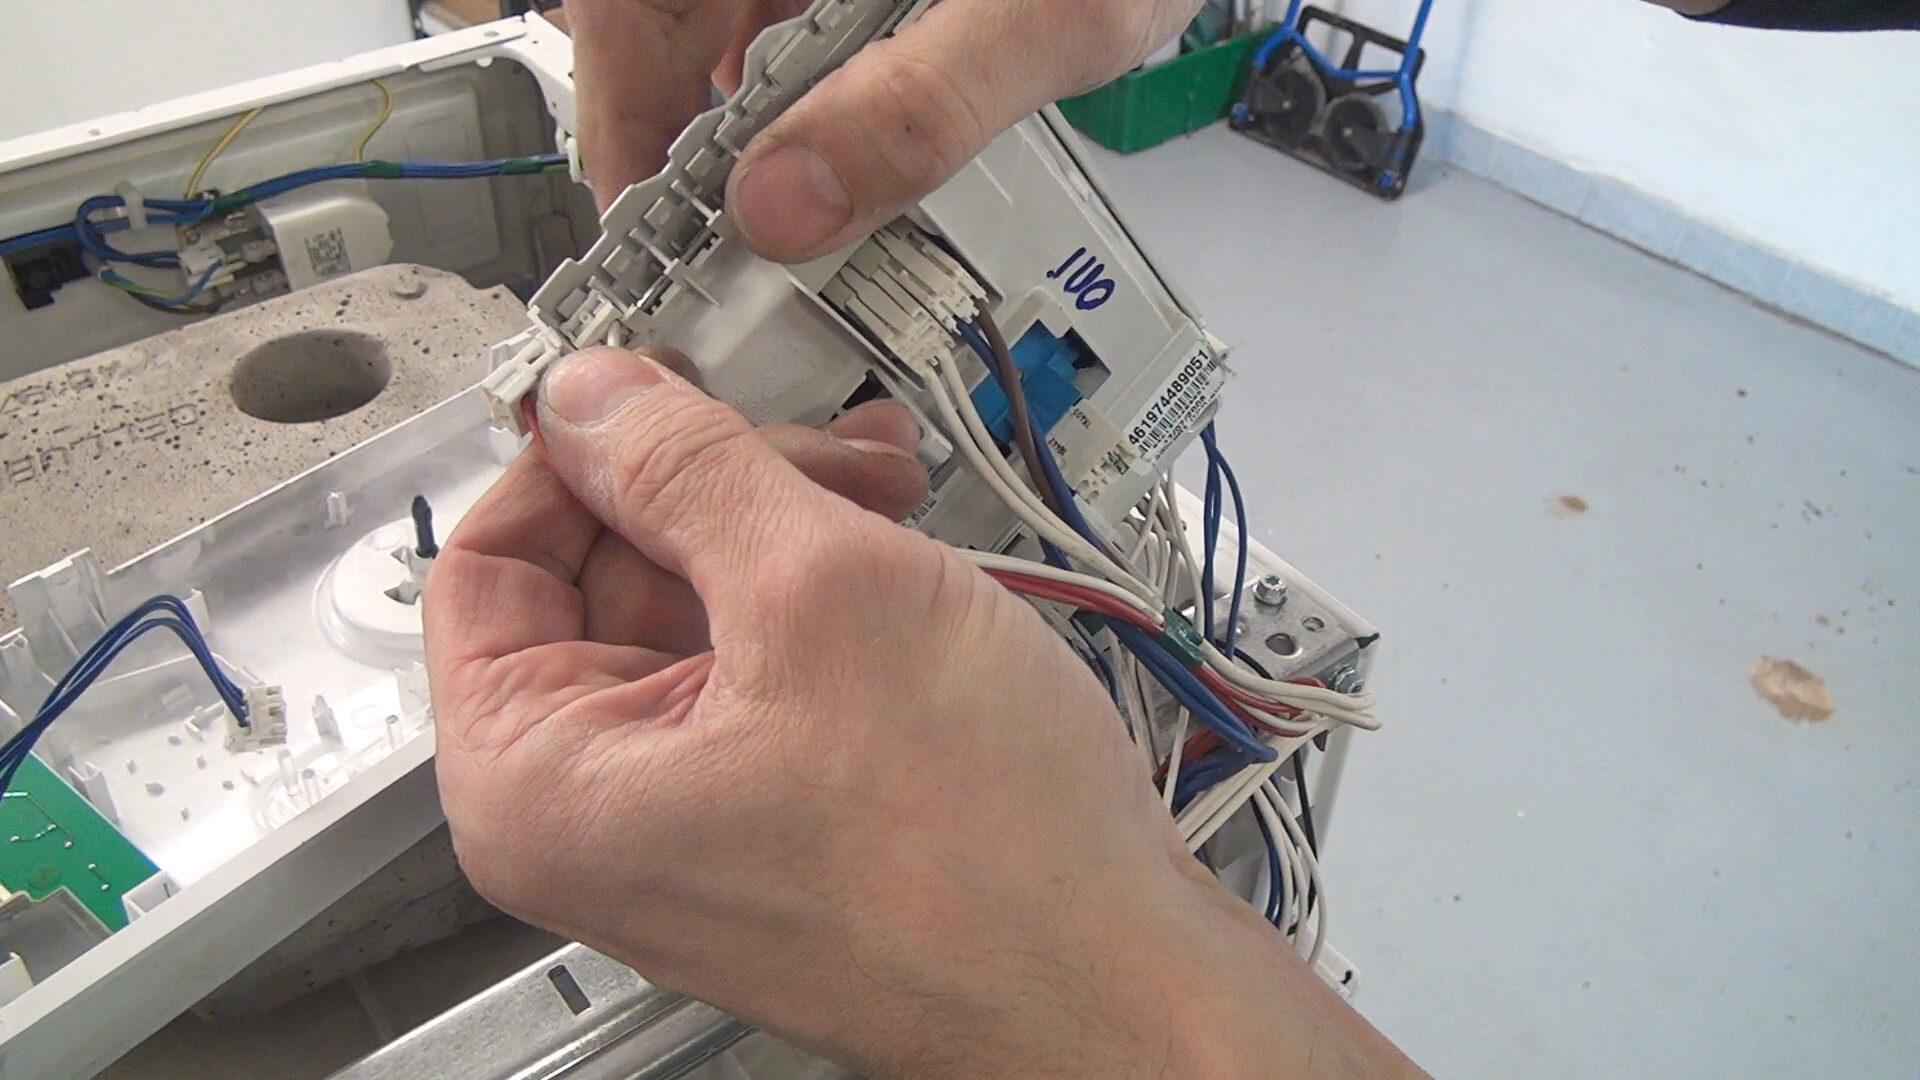 Kabelbelegung dokumentieren und Kabel der linken Seite abstecken